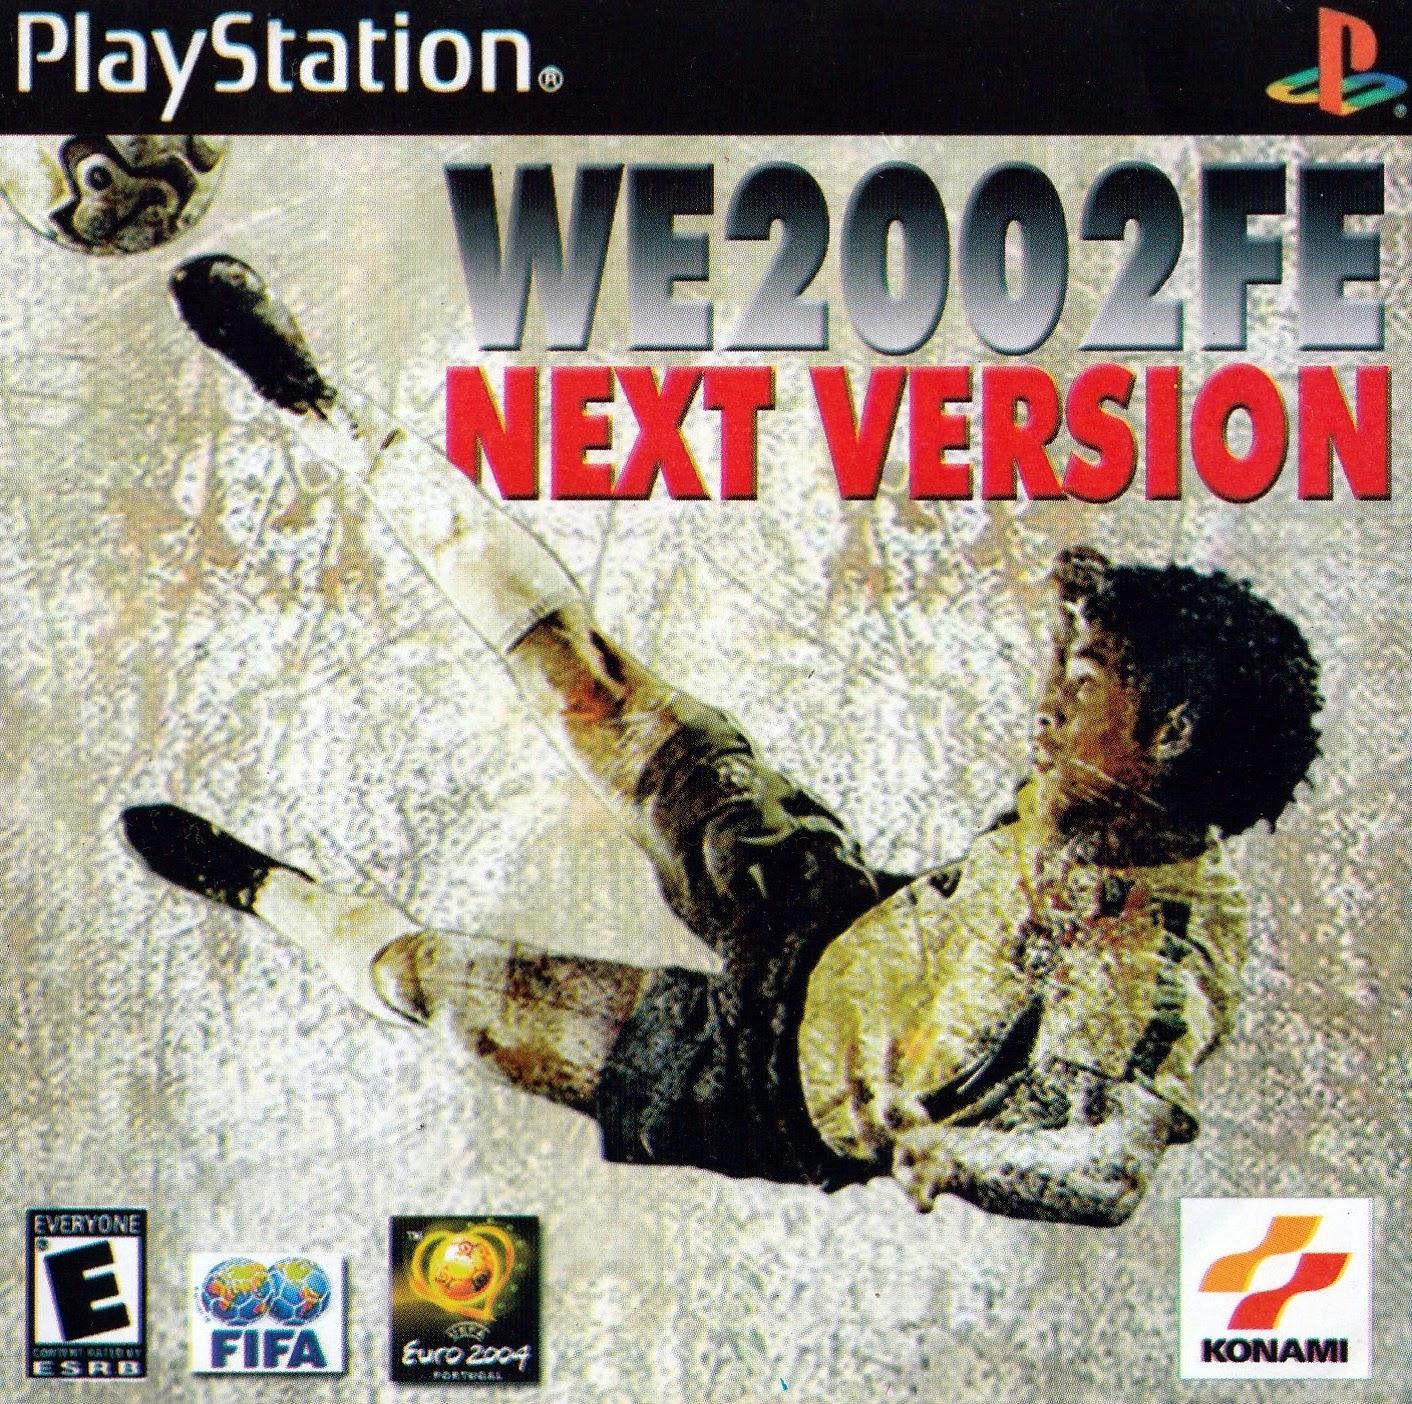 We2002fe Next Version Winning Eleven 2002 Final Evolution Next Version